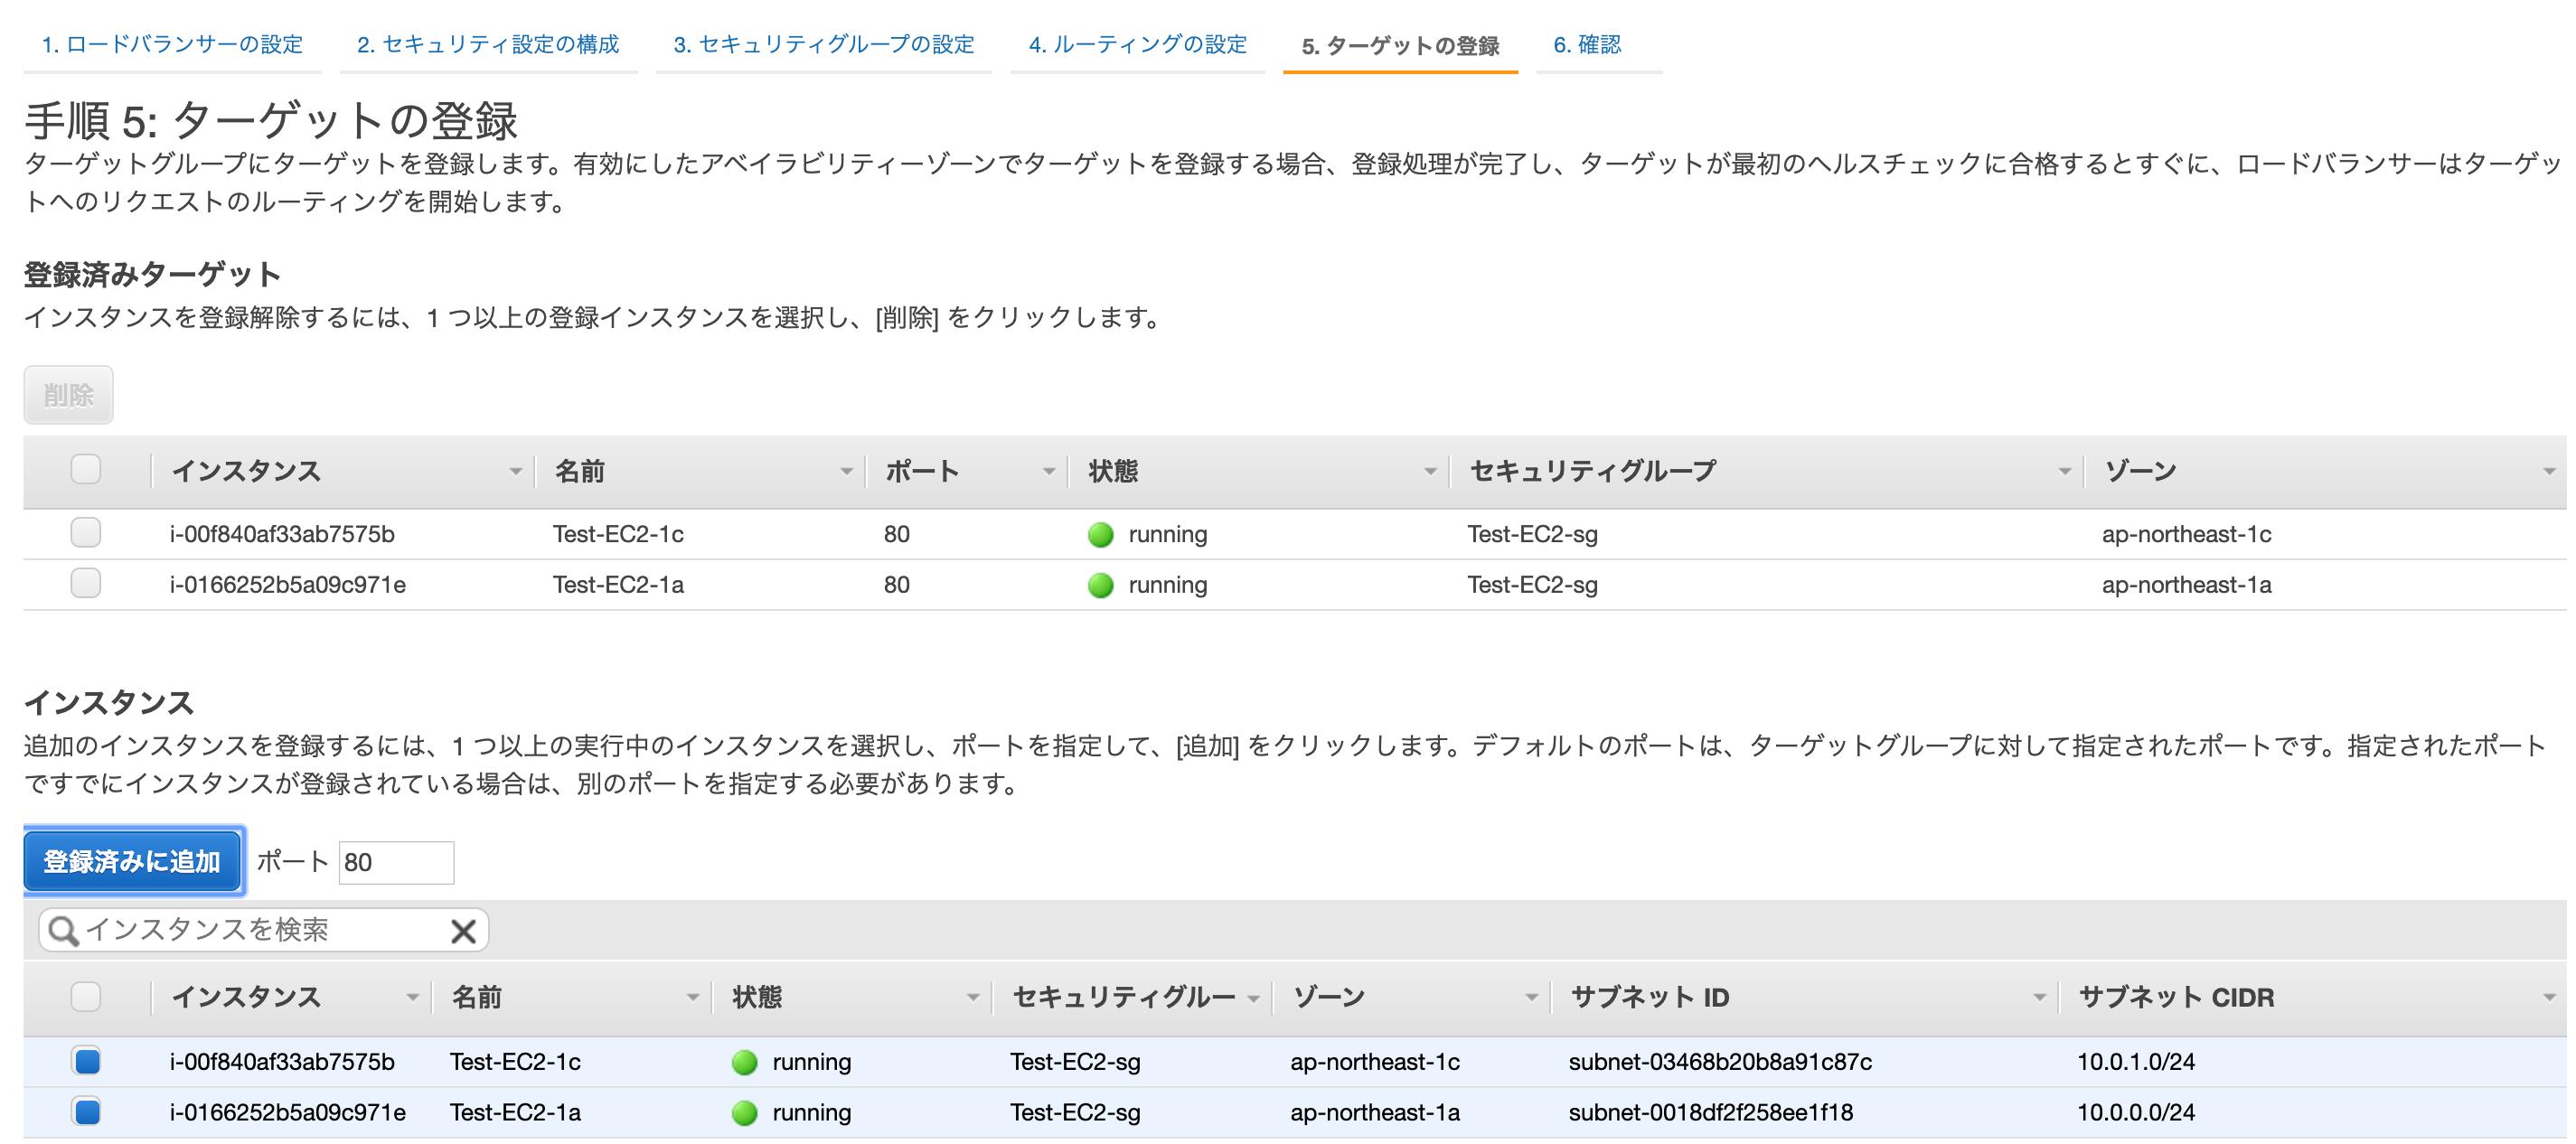 スクリーンショット 2020-03-19 16.42.09.png